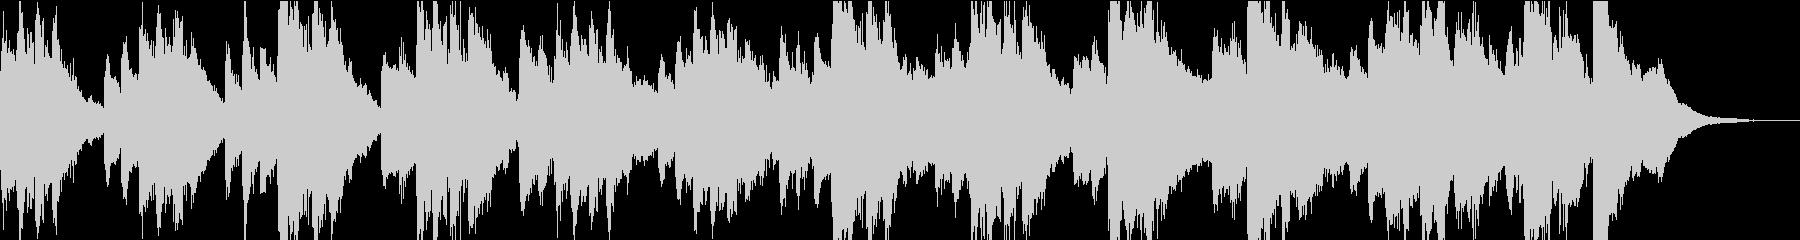 ゆったりとした雰囲気のピアノループの未再生の波形